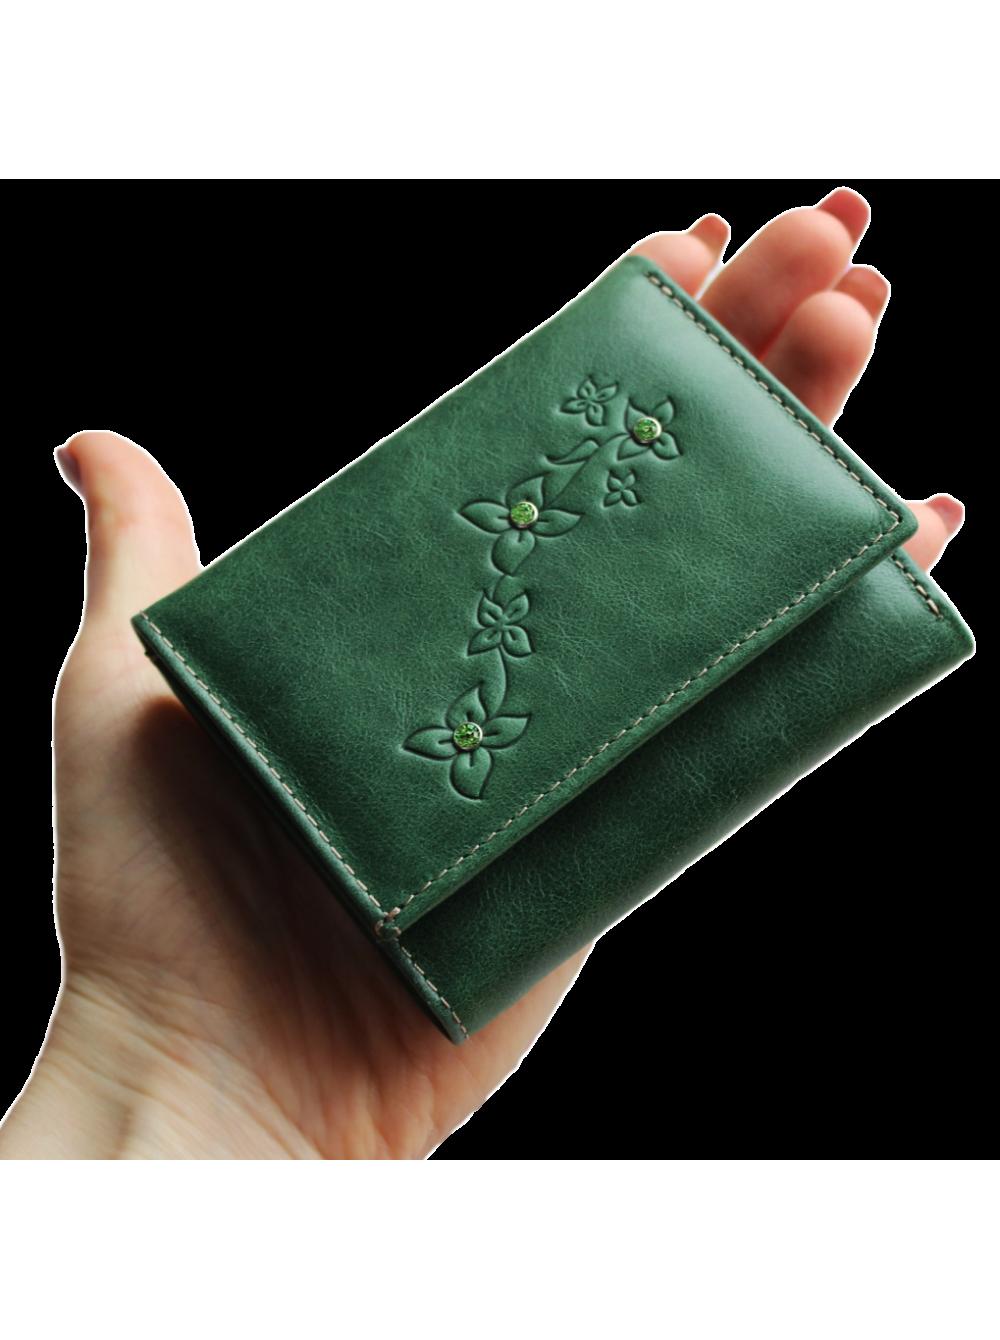 eb572b6d2218 Портмоне женское зеленое Джари-2 Мэри Kniksen купить в СПб, Москве